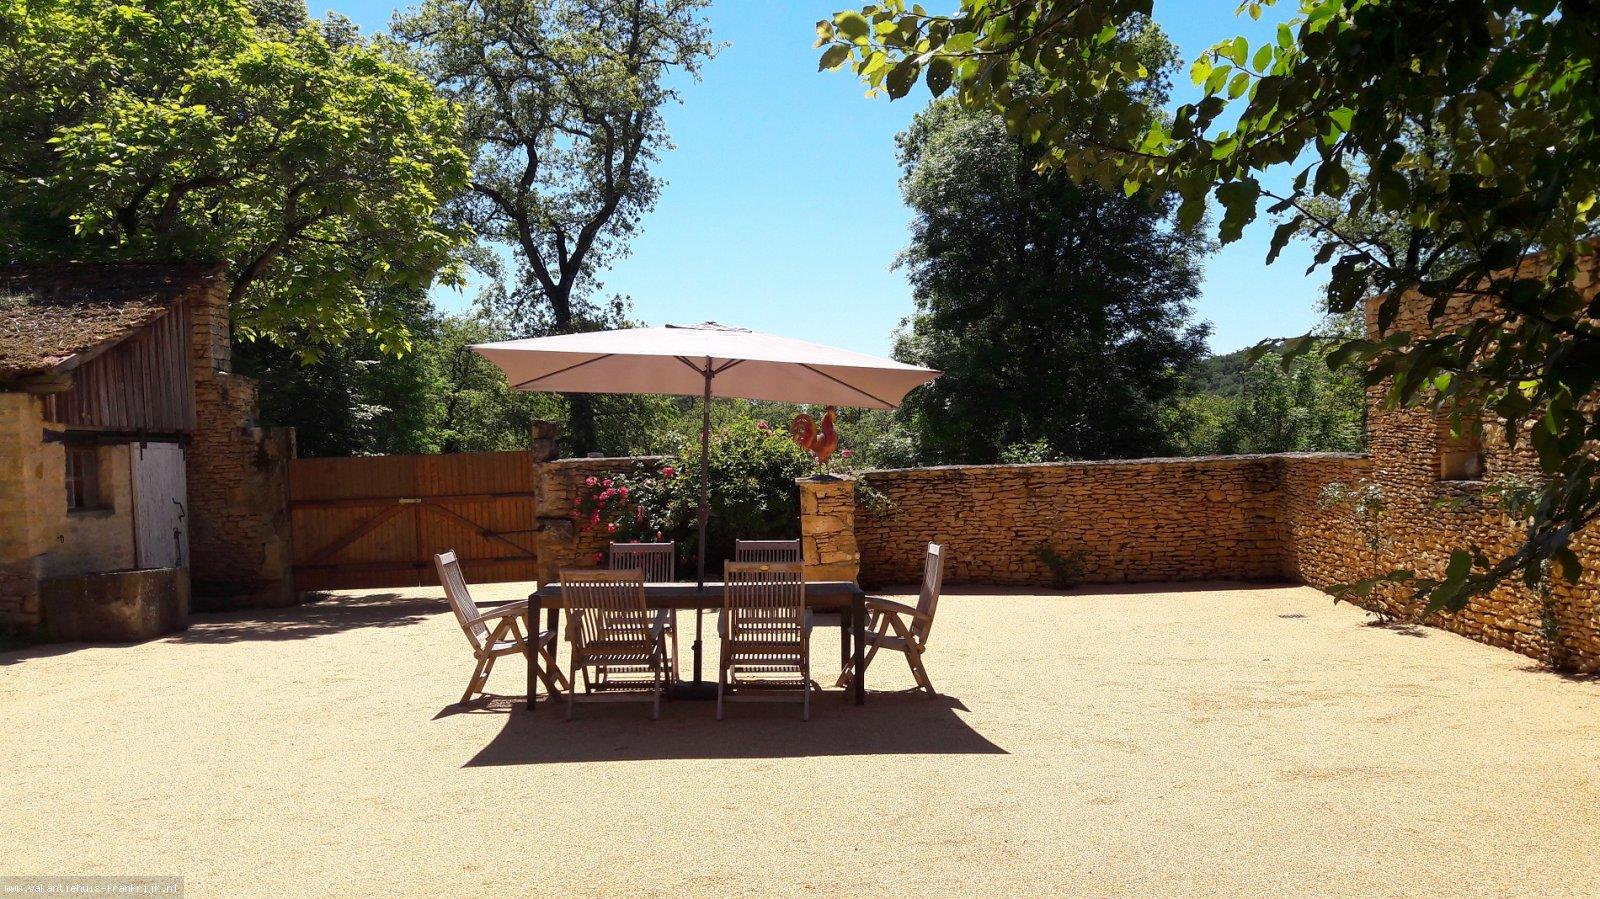 Vakantiehuis: Gezellig, ruim, vakantiehuis op landgoed nabij camping met verwarmd zwembad en vele faciliteiten. U kunt zowel met 2 als met 6 personen hier genieten te huur voor uw vakantie in Dordogne (Frankrijk)